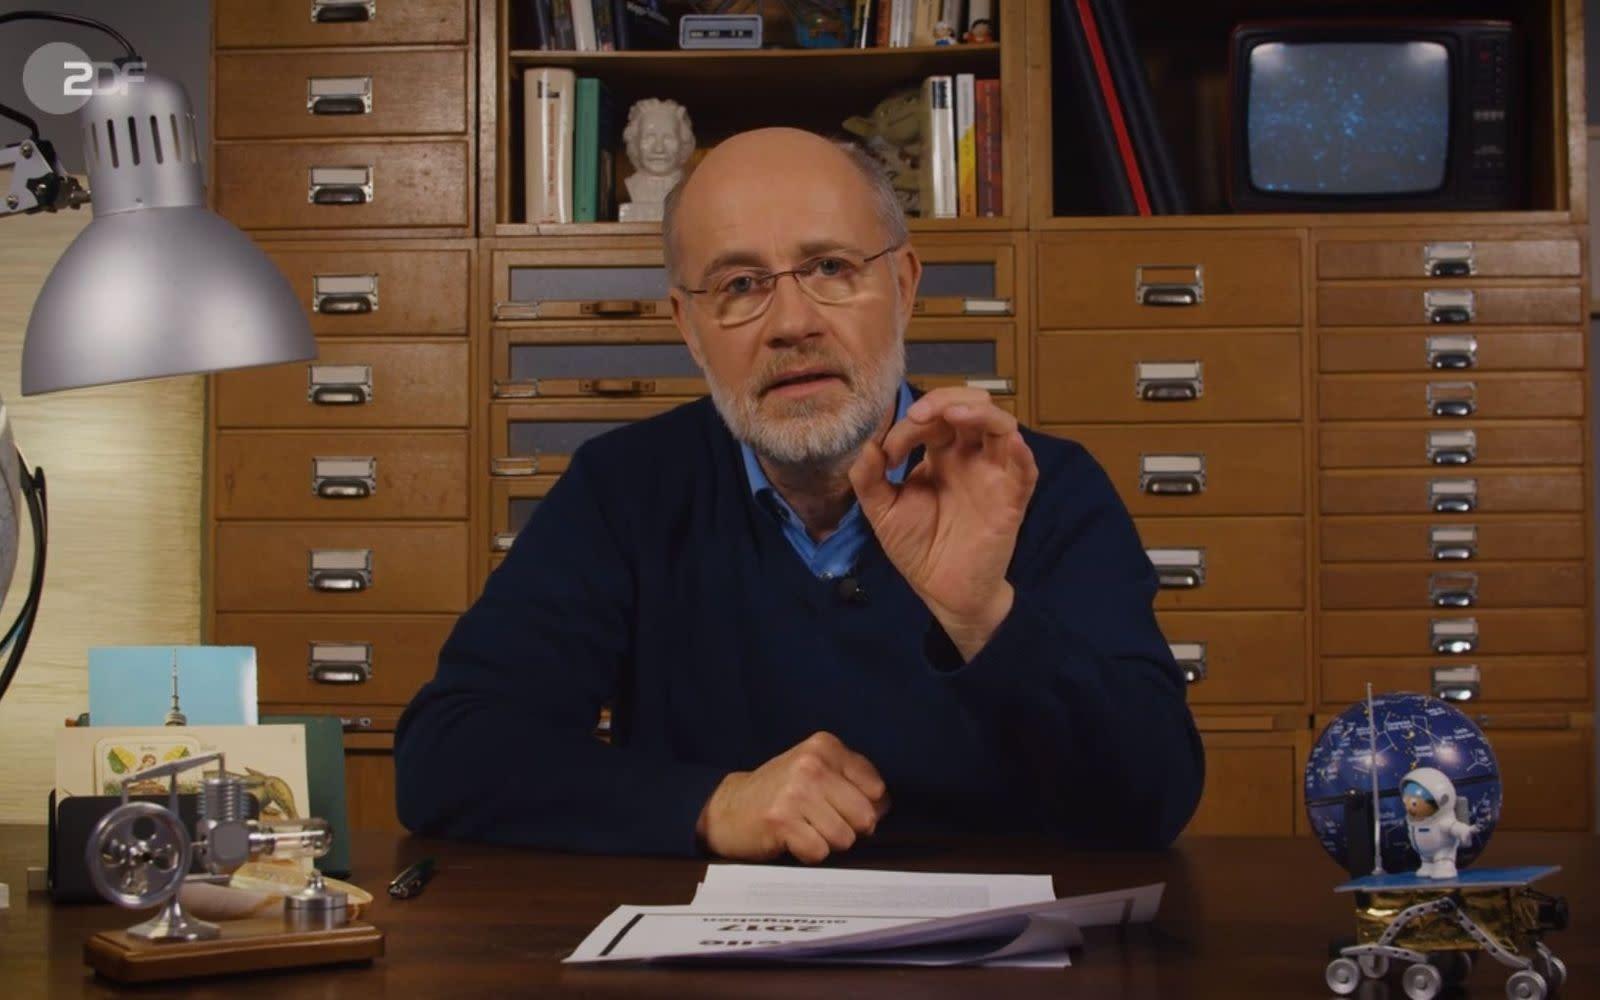 prof. harald lesch